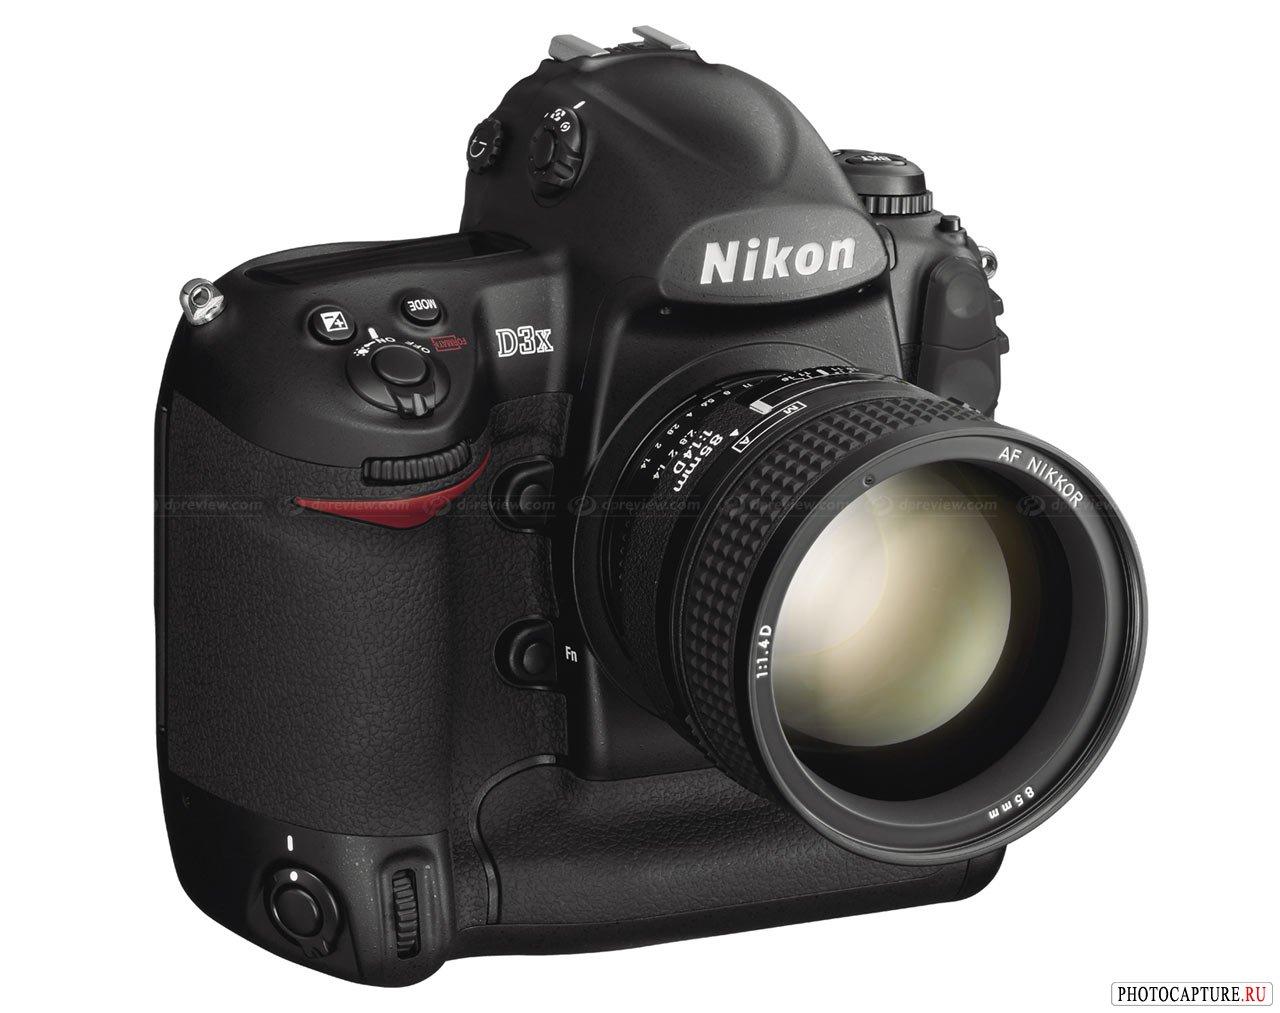 Лучшим по тесту DxOMark стал Nikon D3x